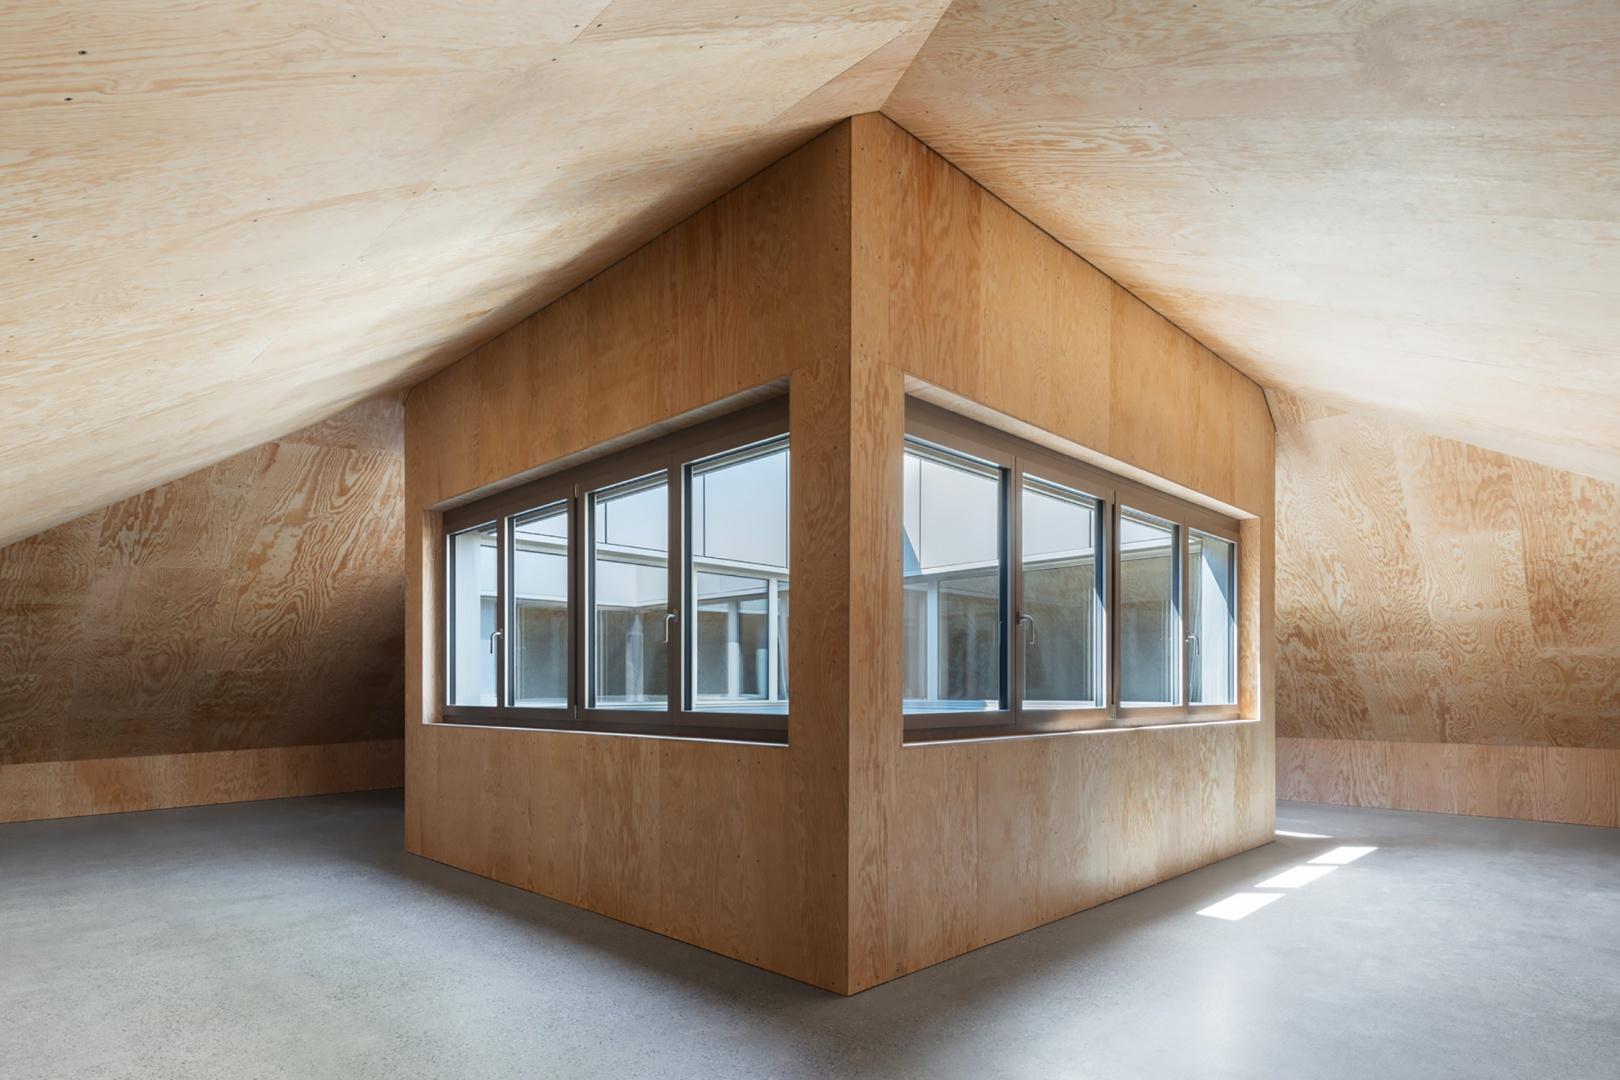 Atrium Dachgeschoss © HSB Architekten GmbH, Poststrasse 1, 4500 Solothurn